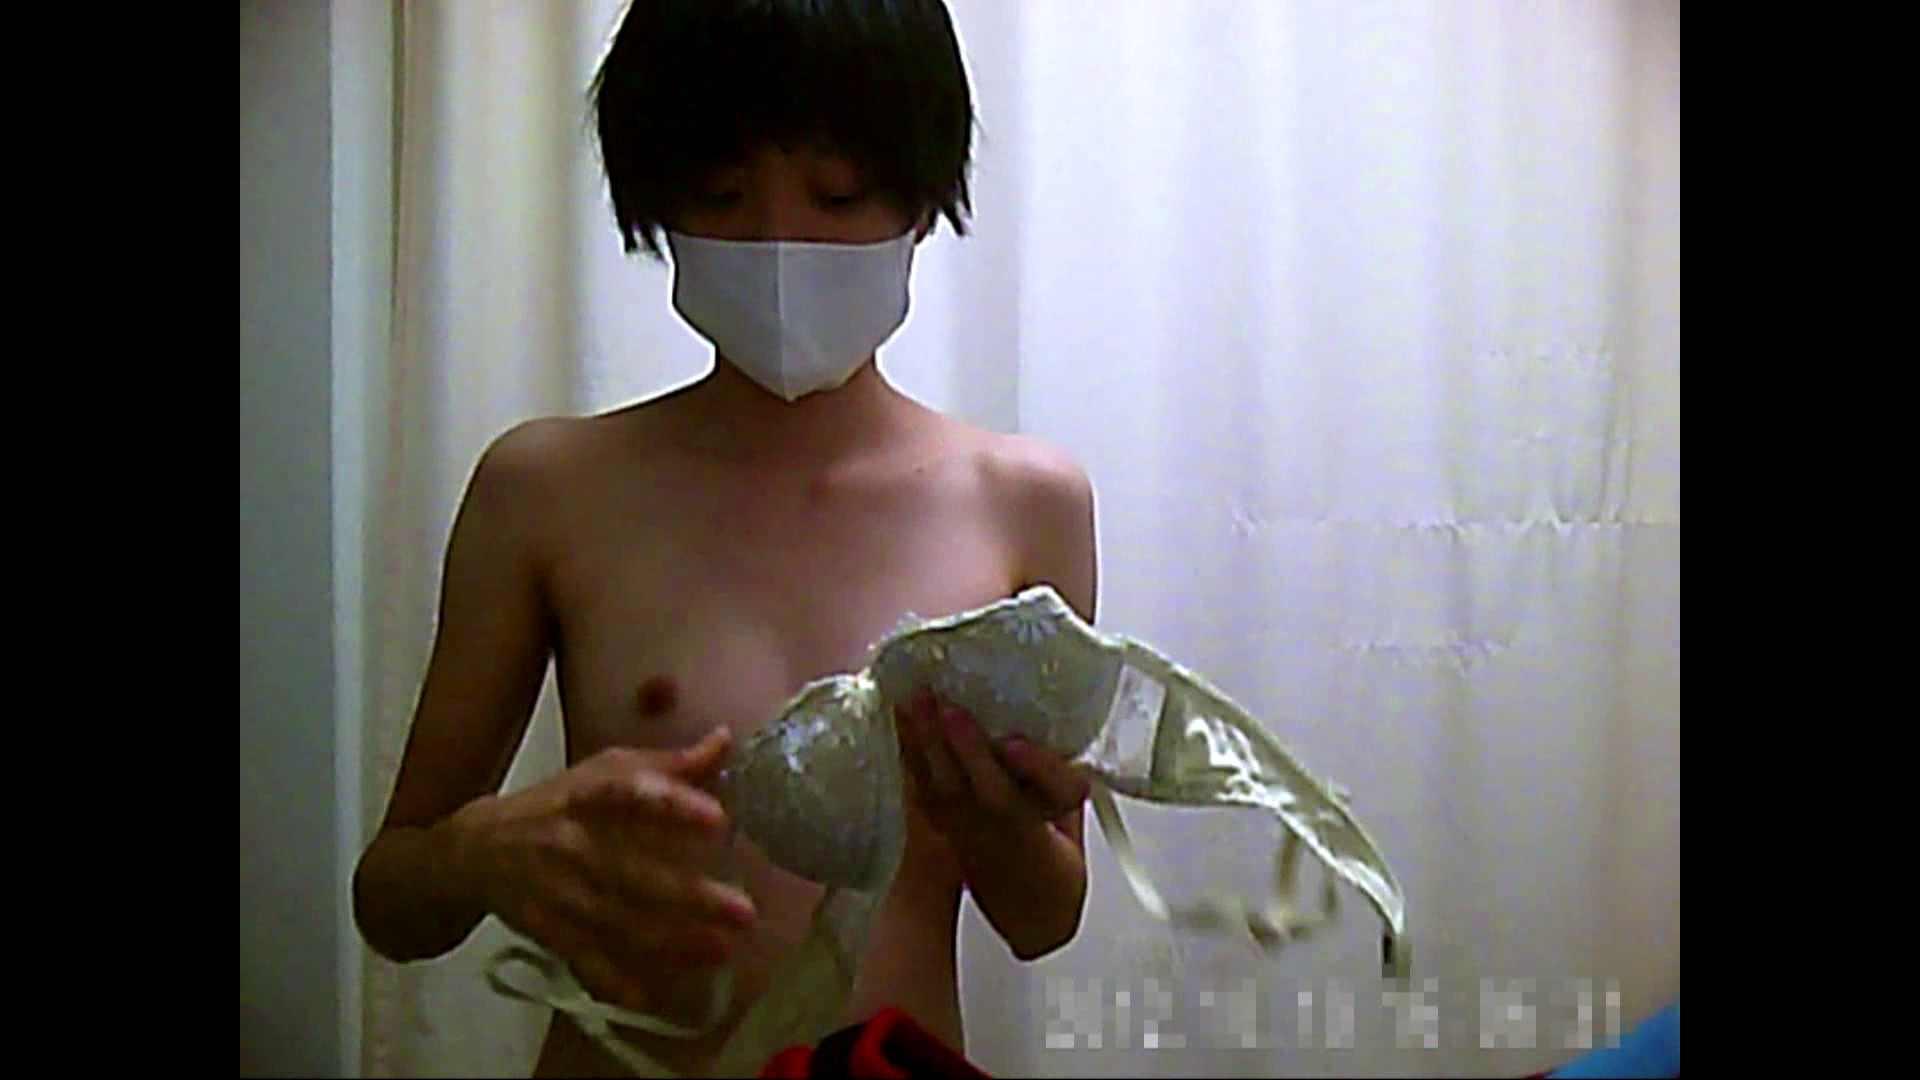 病院おもいっきり着替え! vol.233 OLの実態 覗きおまんこ画像 59pic 16